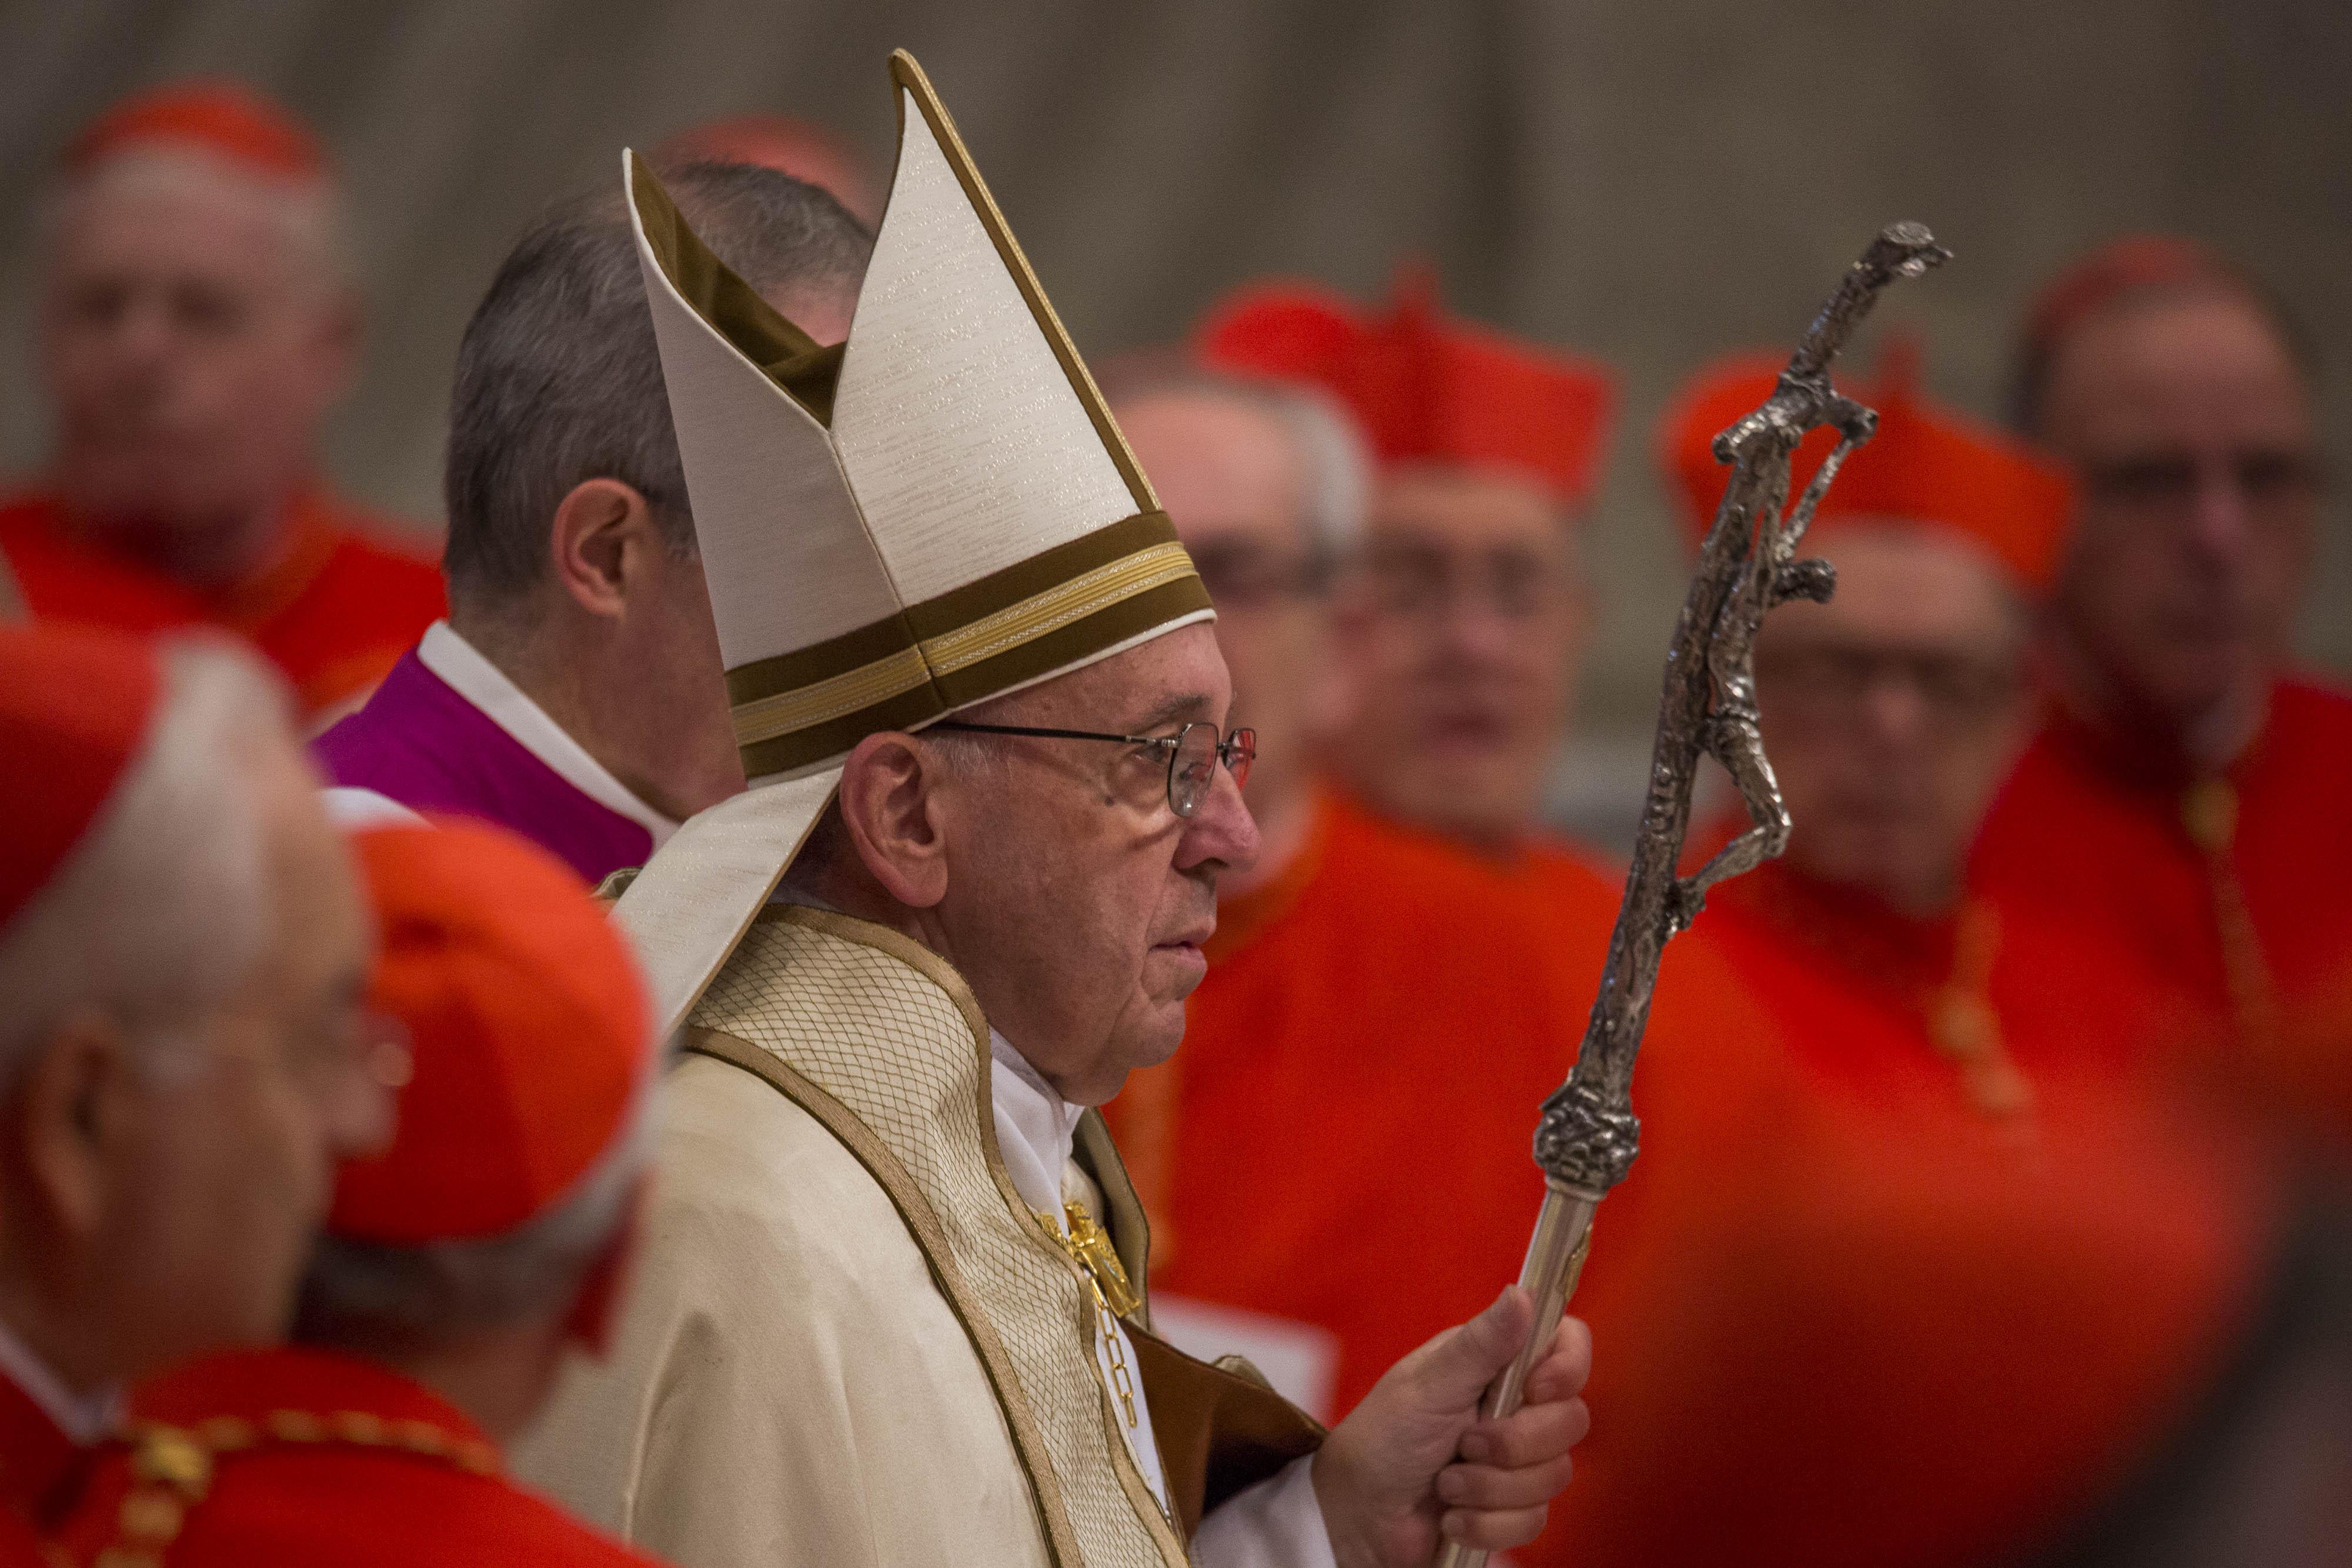 La guerra interna in Vaticano: così hanno fatto fuori Becciu